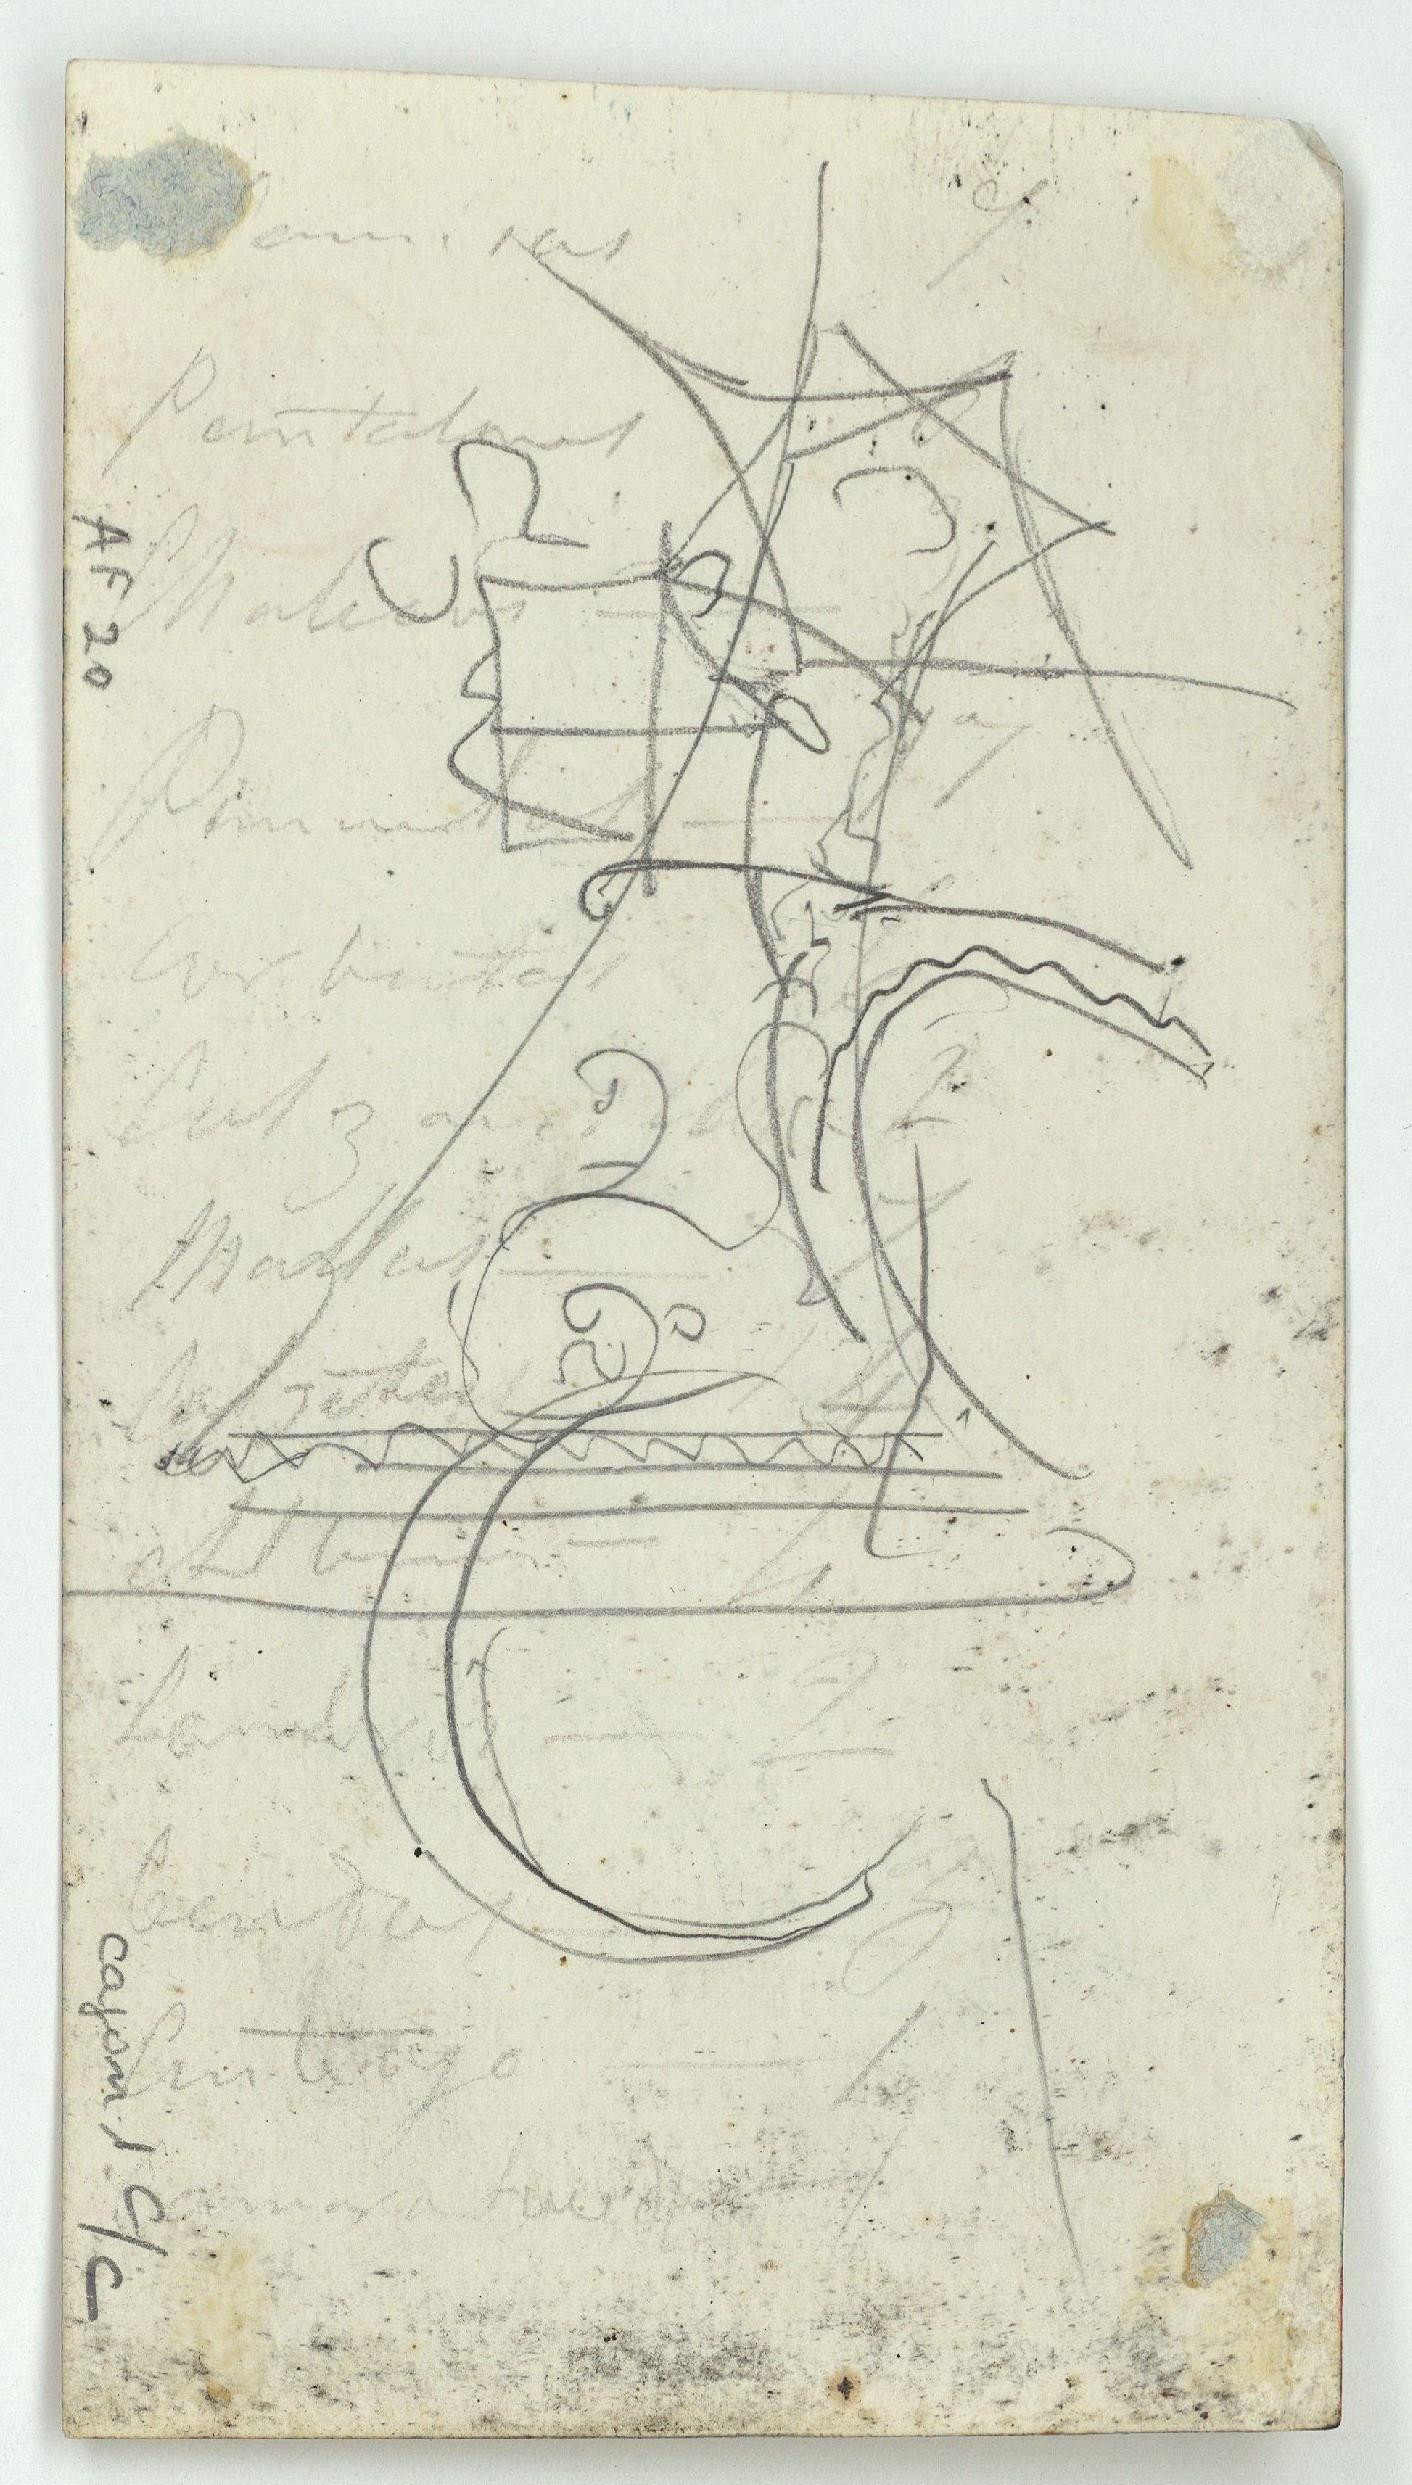 Marià Fortuny - Cap de cabra i croquis inconcrets (anvers) / Croquis inconcret (revers) - Cap a 1860-1862 [1]